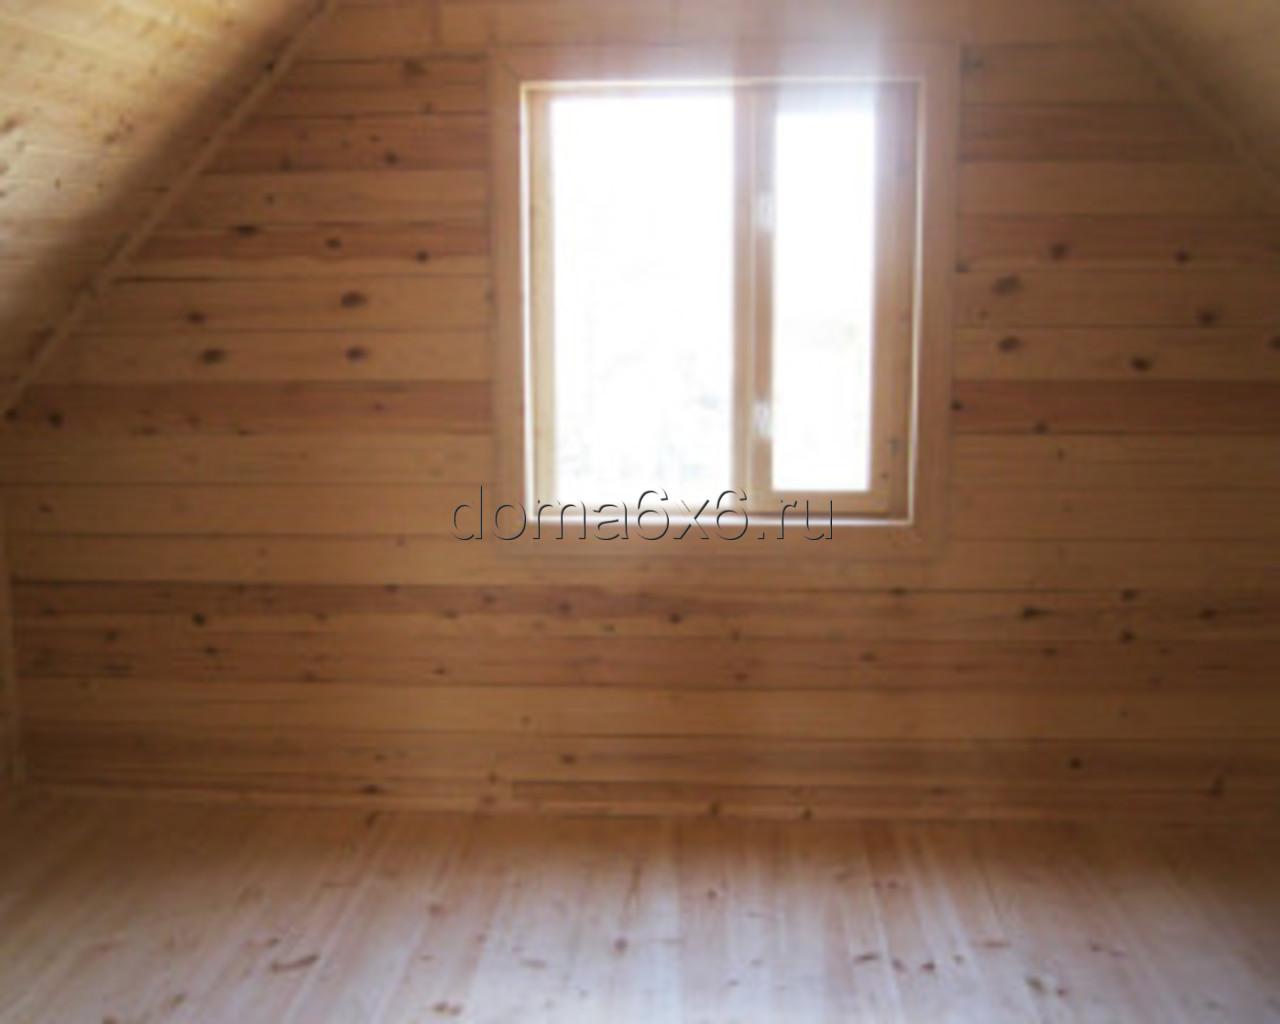 Строительство дома из бруса в Малой Вишере -  отделка